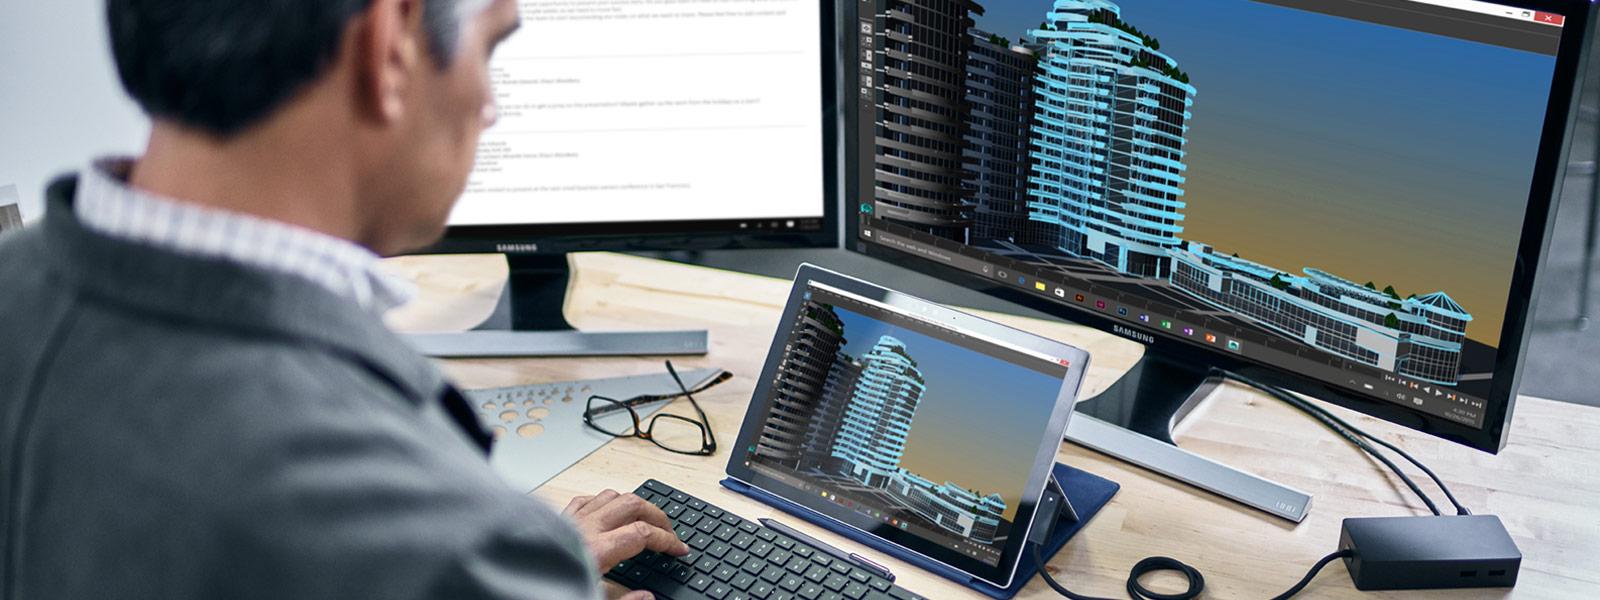 Mann tippt auf Surface Pro 4 mit Surface Dock und Desktopcomputer auf Schreibtisch.